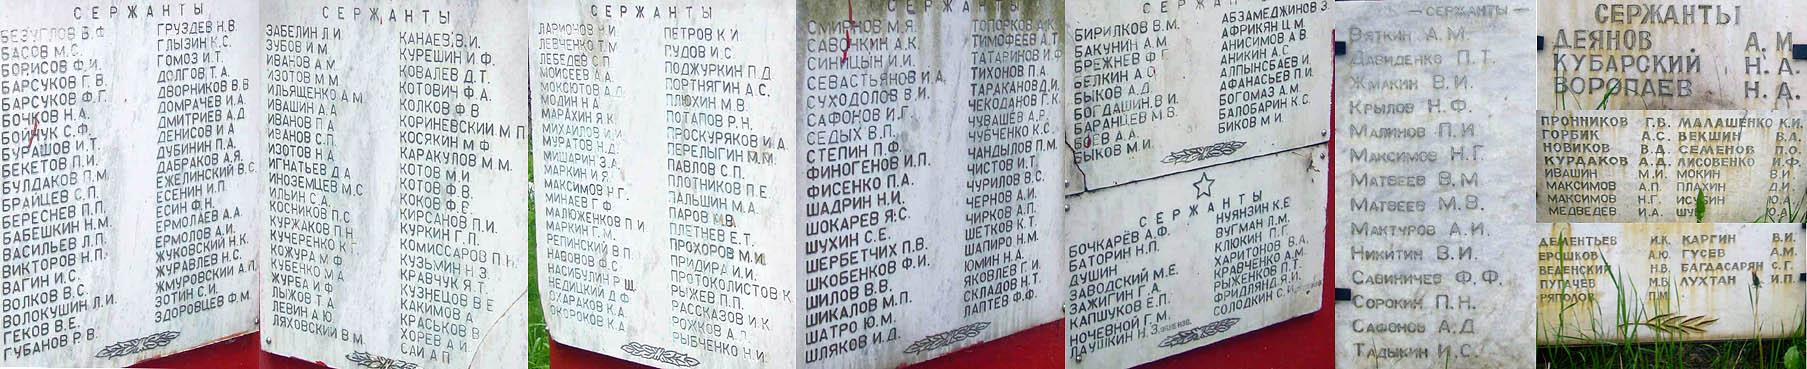 девочки кладбище погибших в вов киевская область деревня кухари киски никогда устают